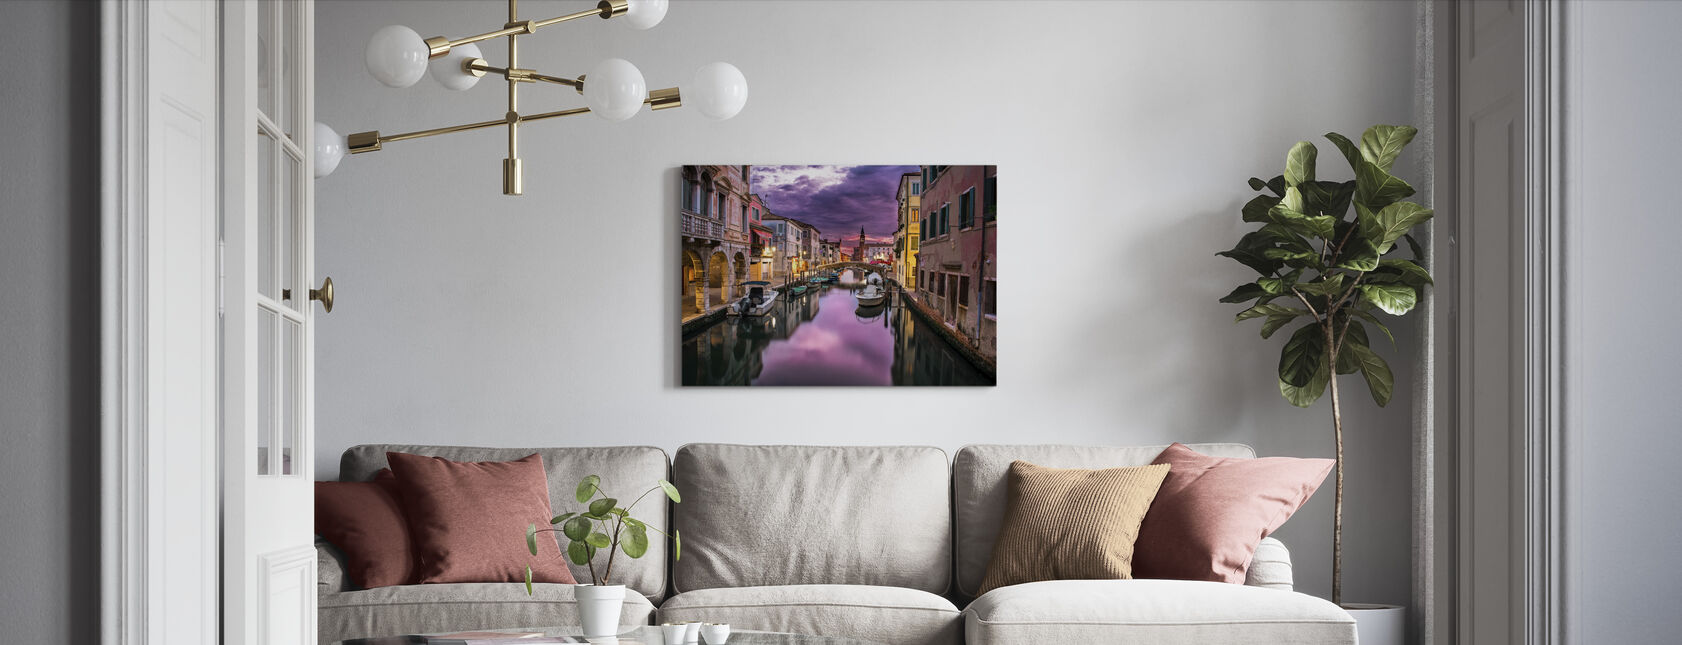 Canal i Venedig - Billede på lærred - Stue